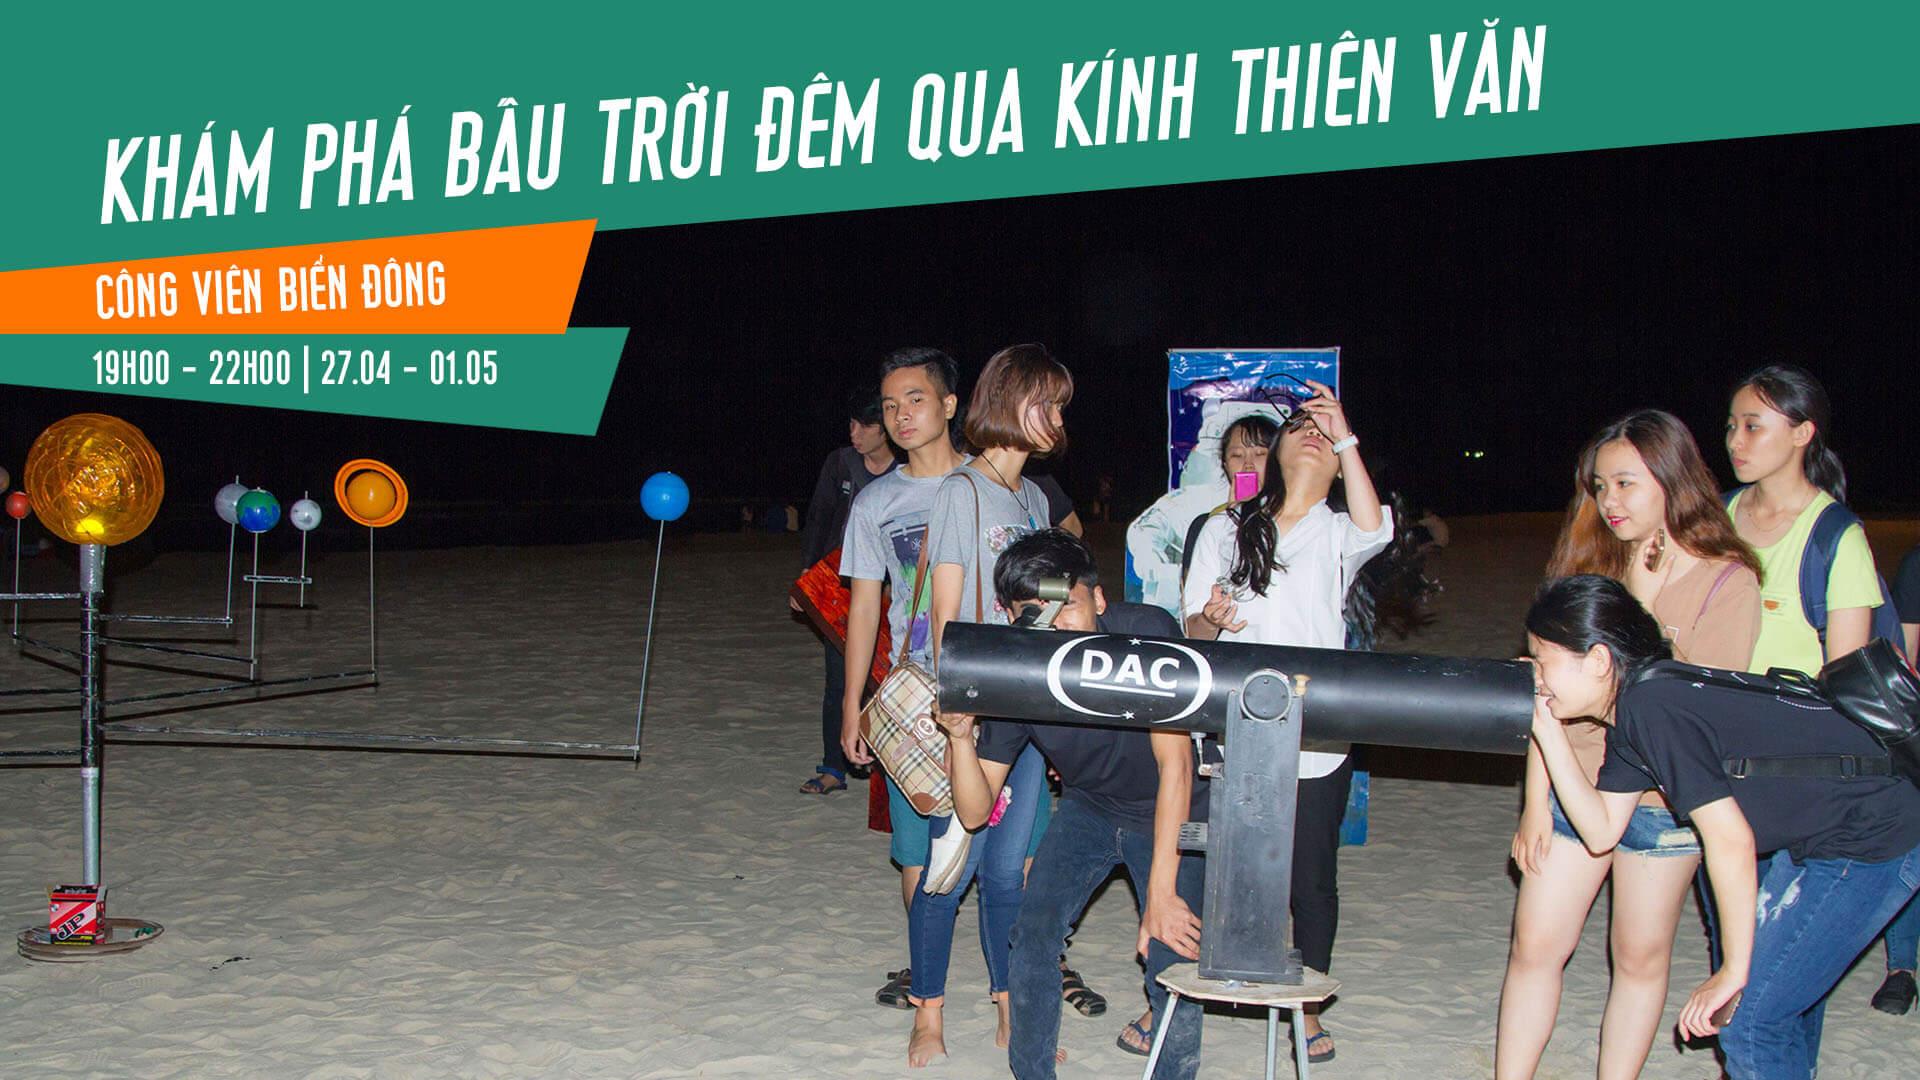 Chi tiết chương trình Khai trương mùa Du lịch biển Đà Nẵng 2018 5